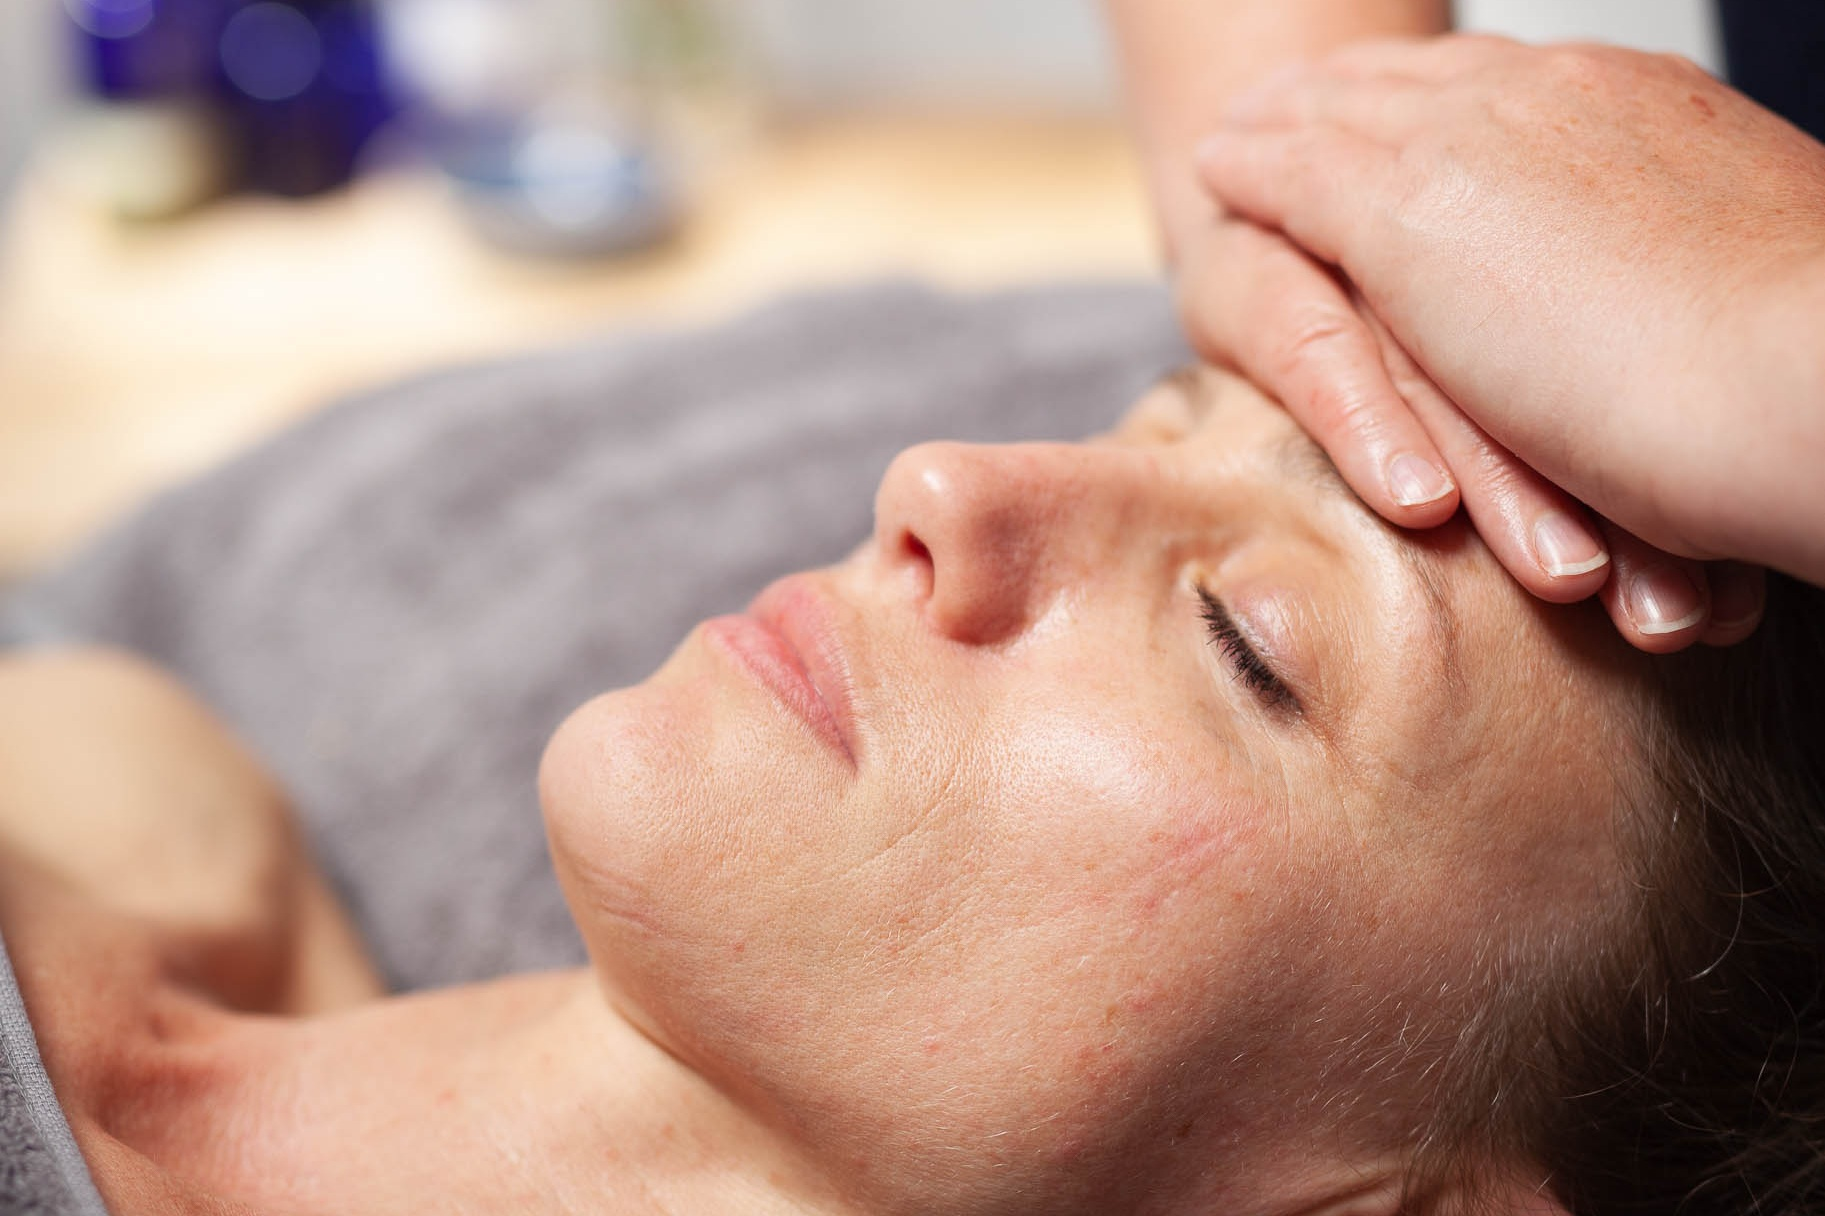 %C2%A9natashabidgood-lisa-massage-6556.jpg